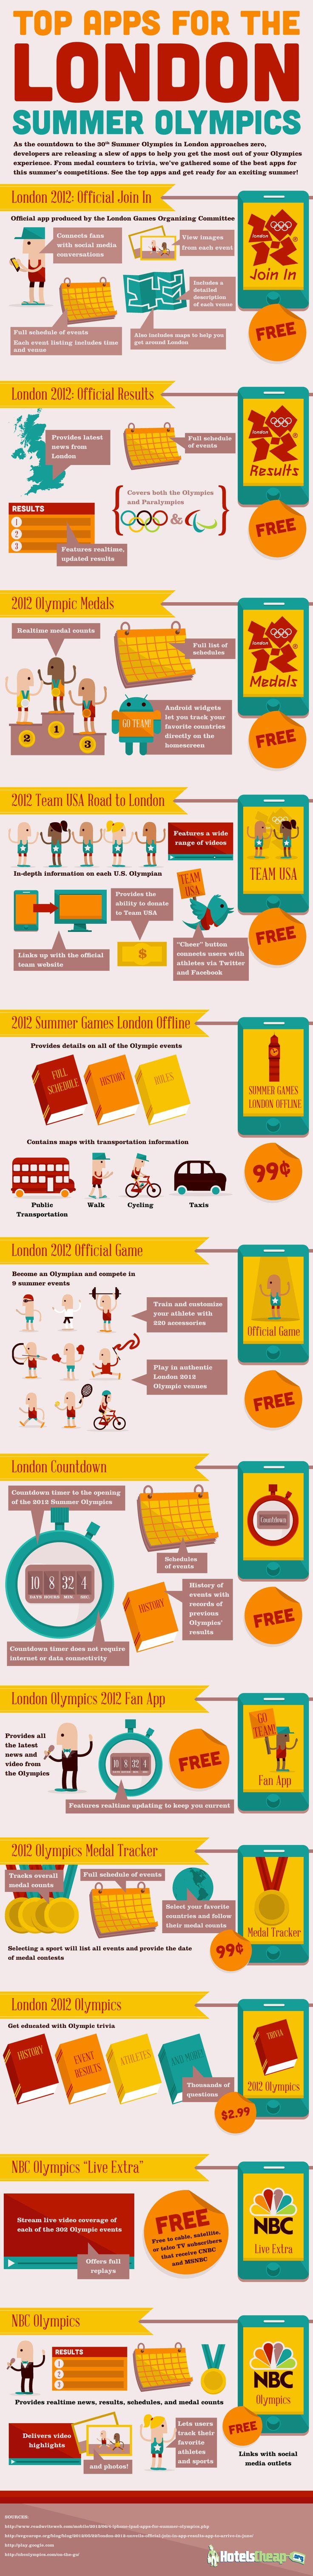 Top Aplicaciones para Seguir los Juegos Olímpicos de Londres 2012 [Infografía]